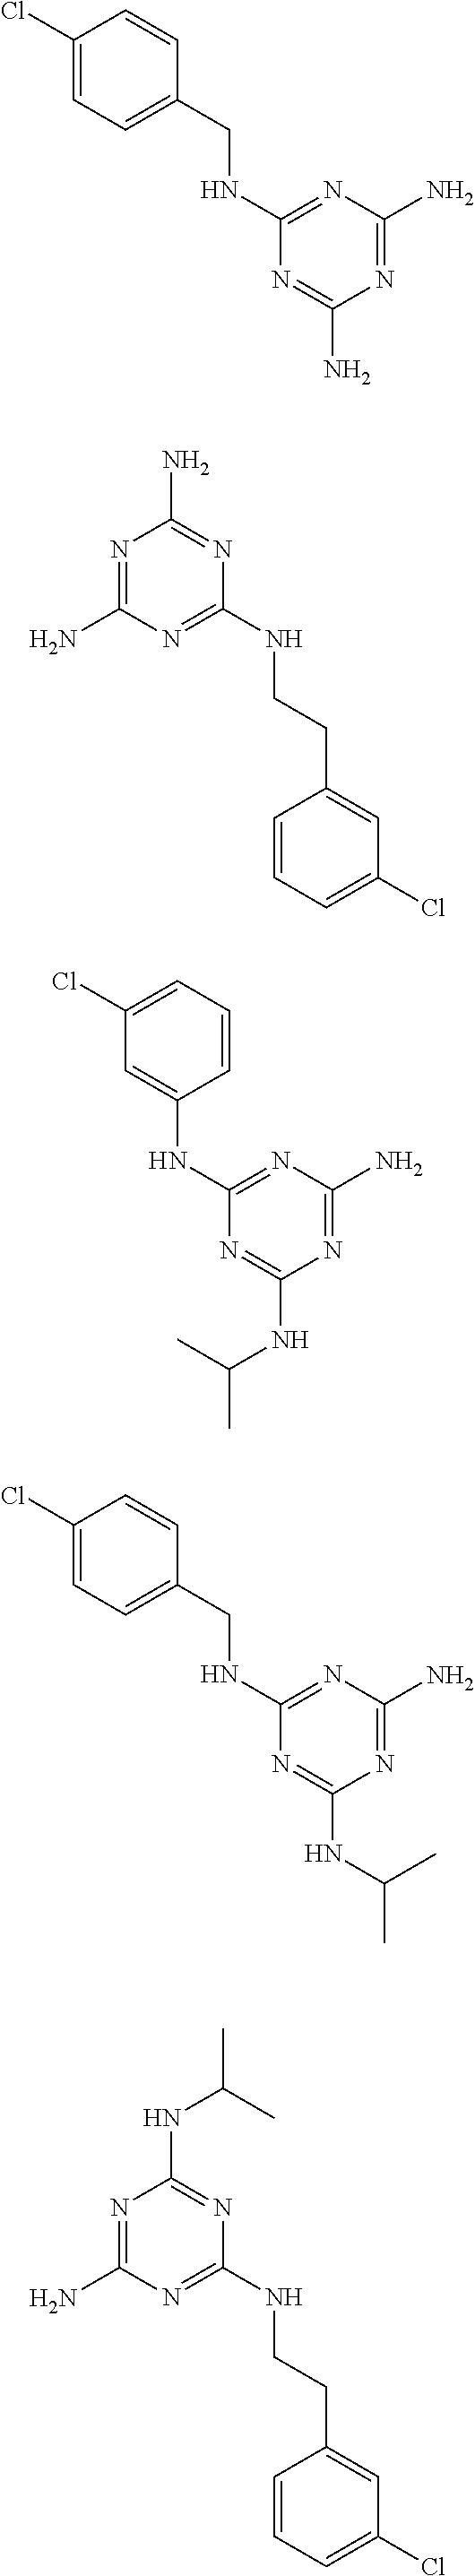 Figure US09480663-20161101-C00151